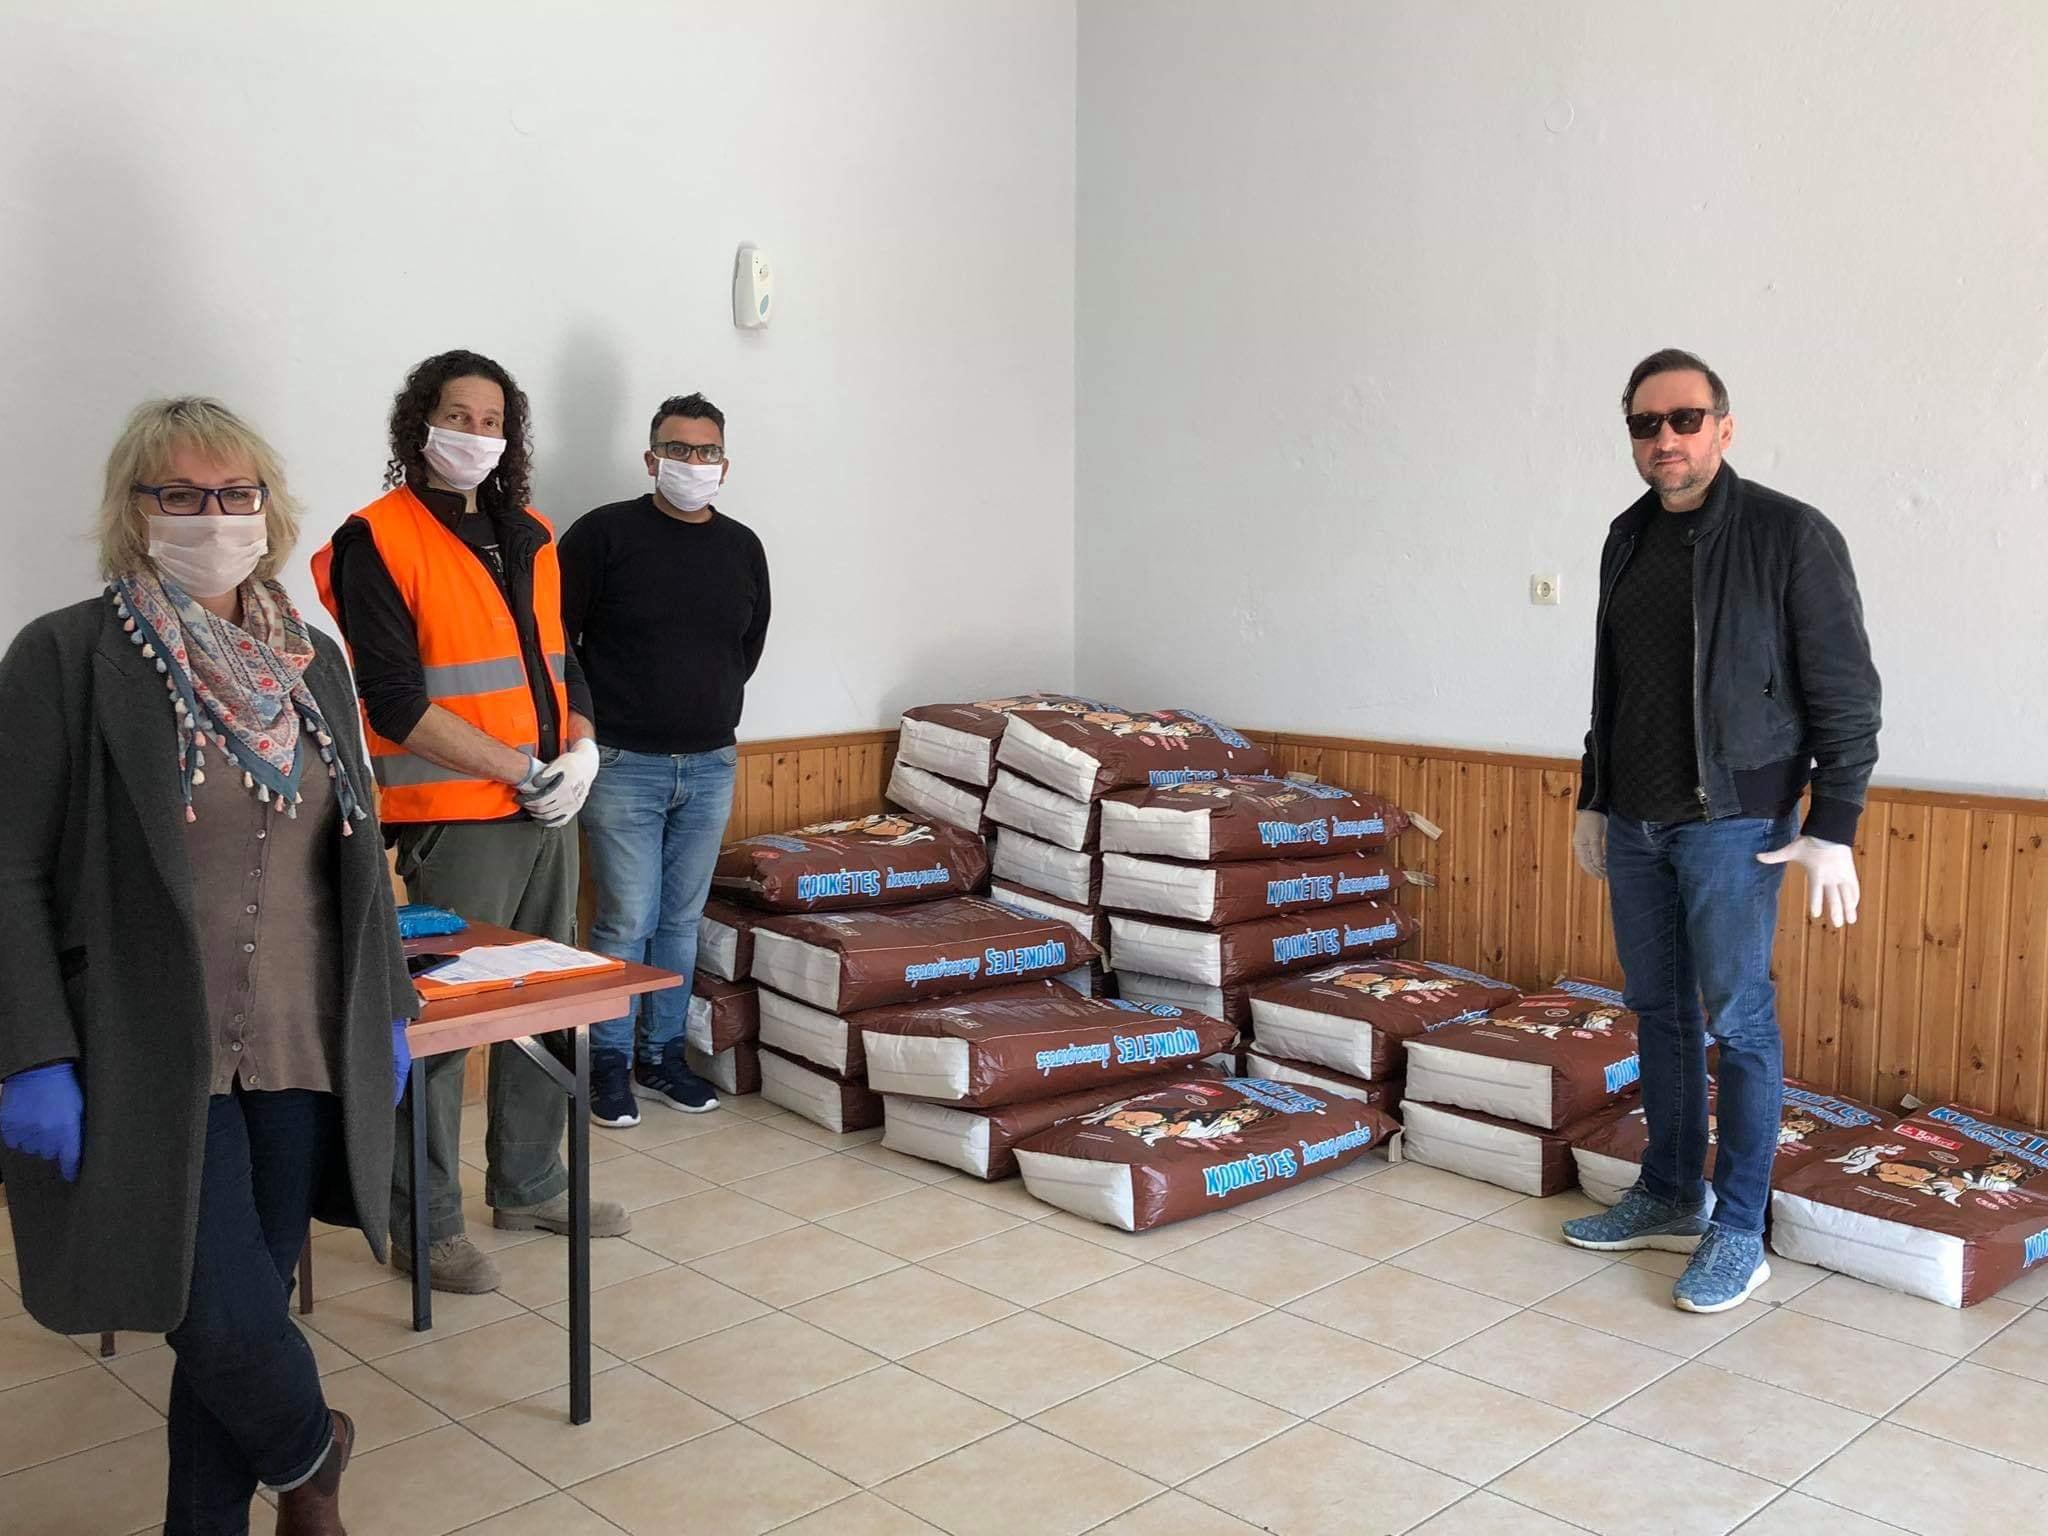 100 σακιά ξηράς τροφής στους εθελοντές φιλόζωους του Δήμου Αλεξανδρούπολης